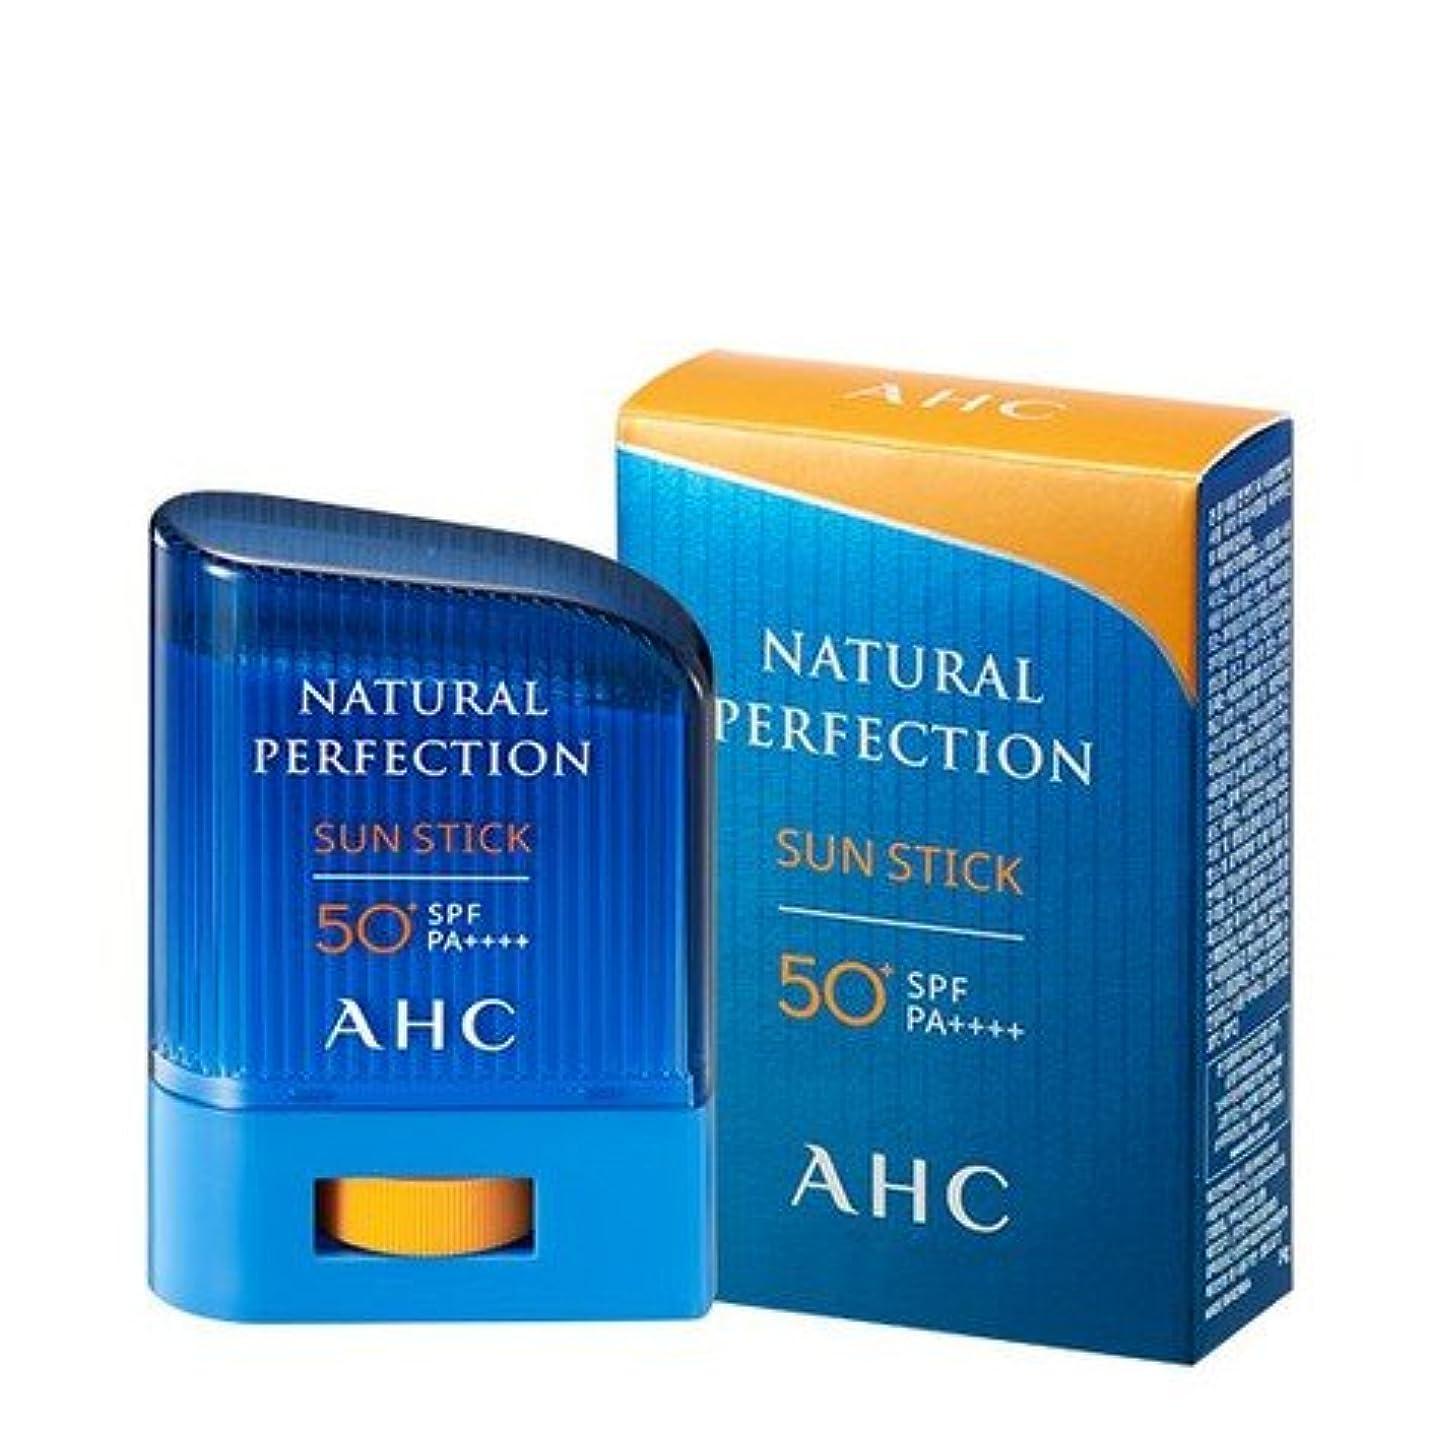 軽減するフィドルほとんどない[Renewal 最新] AHCナチュラルパーフェクション線スティック / AHC NATURAL PERFECTION SUN STICK [SPF 50+ / PA ++++] [並行輸入品] (14g)